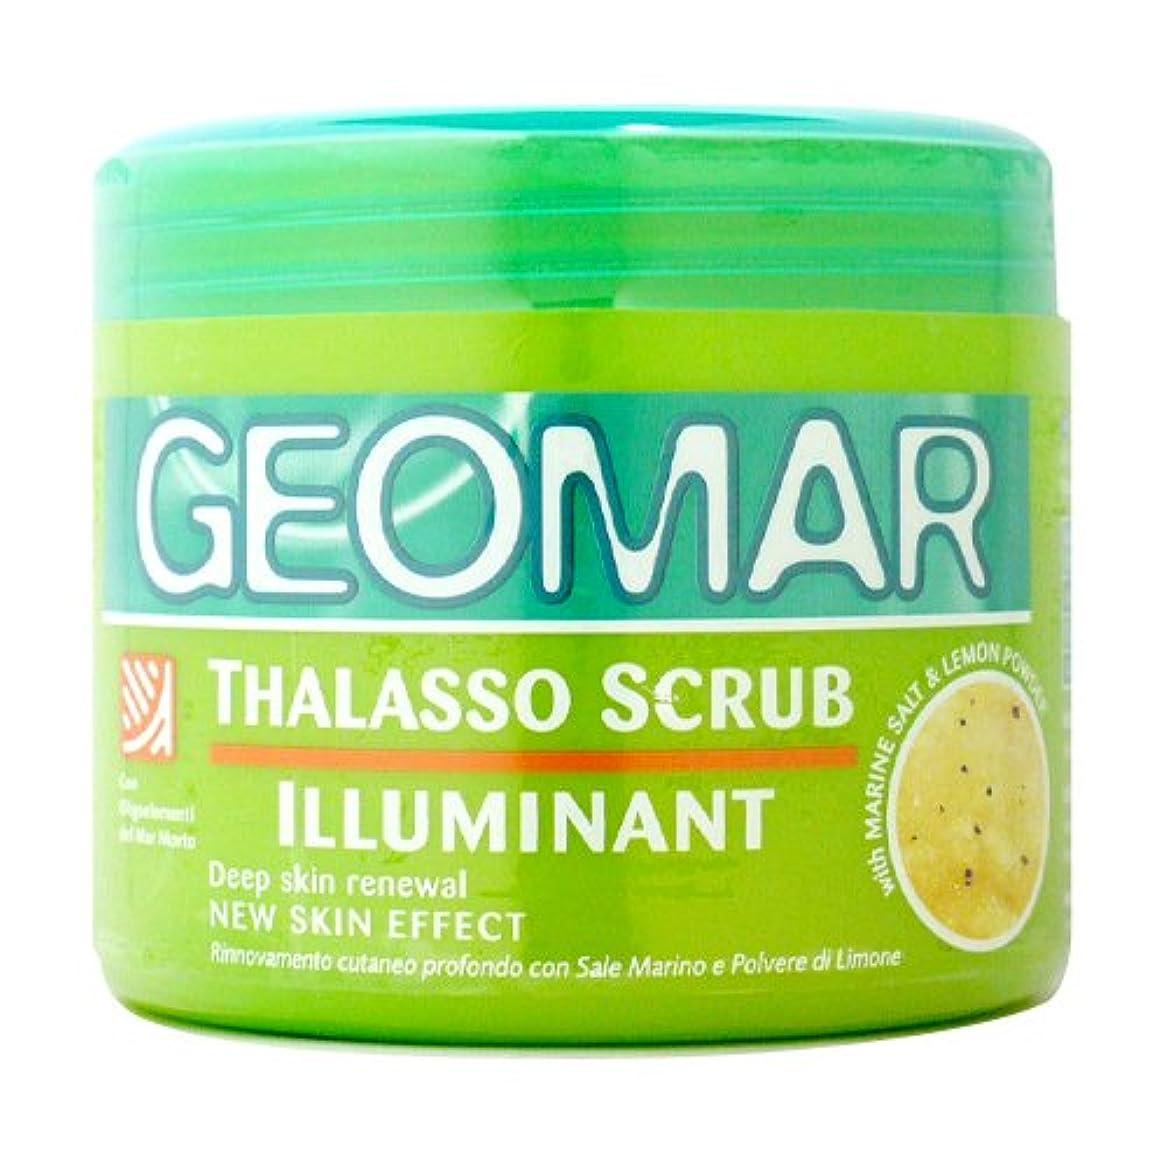 受動的置換断言するジェオマール タラソスクラブ イルミナント (ブライトレモン) 600g